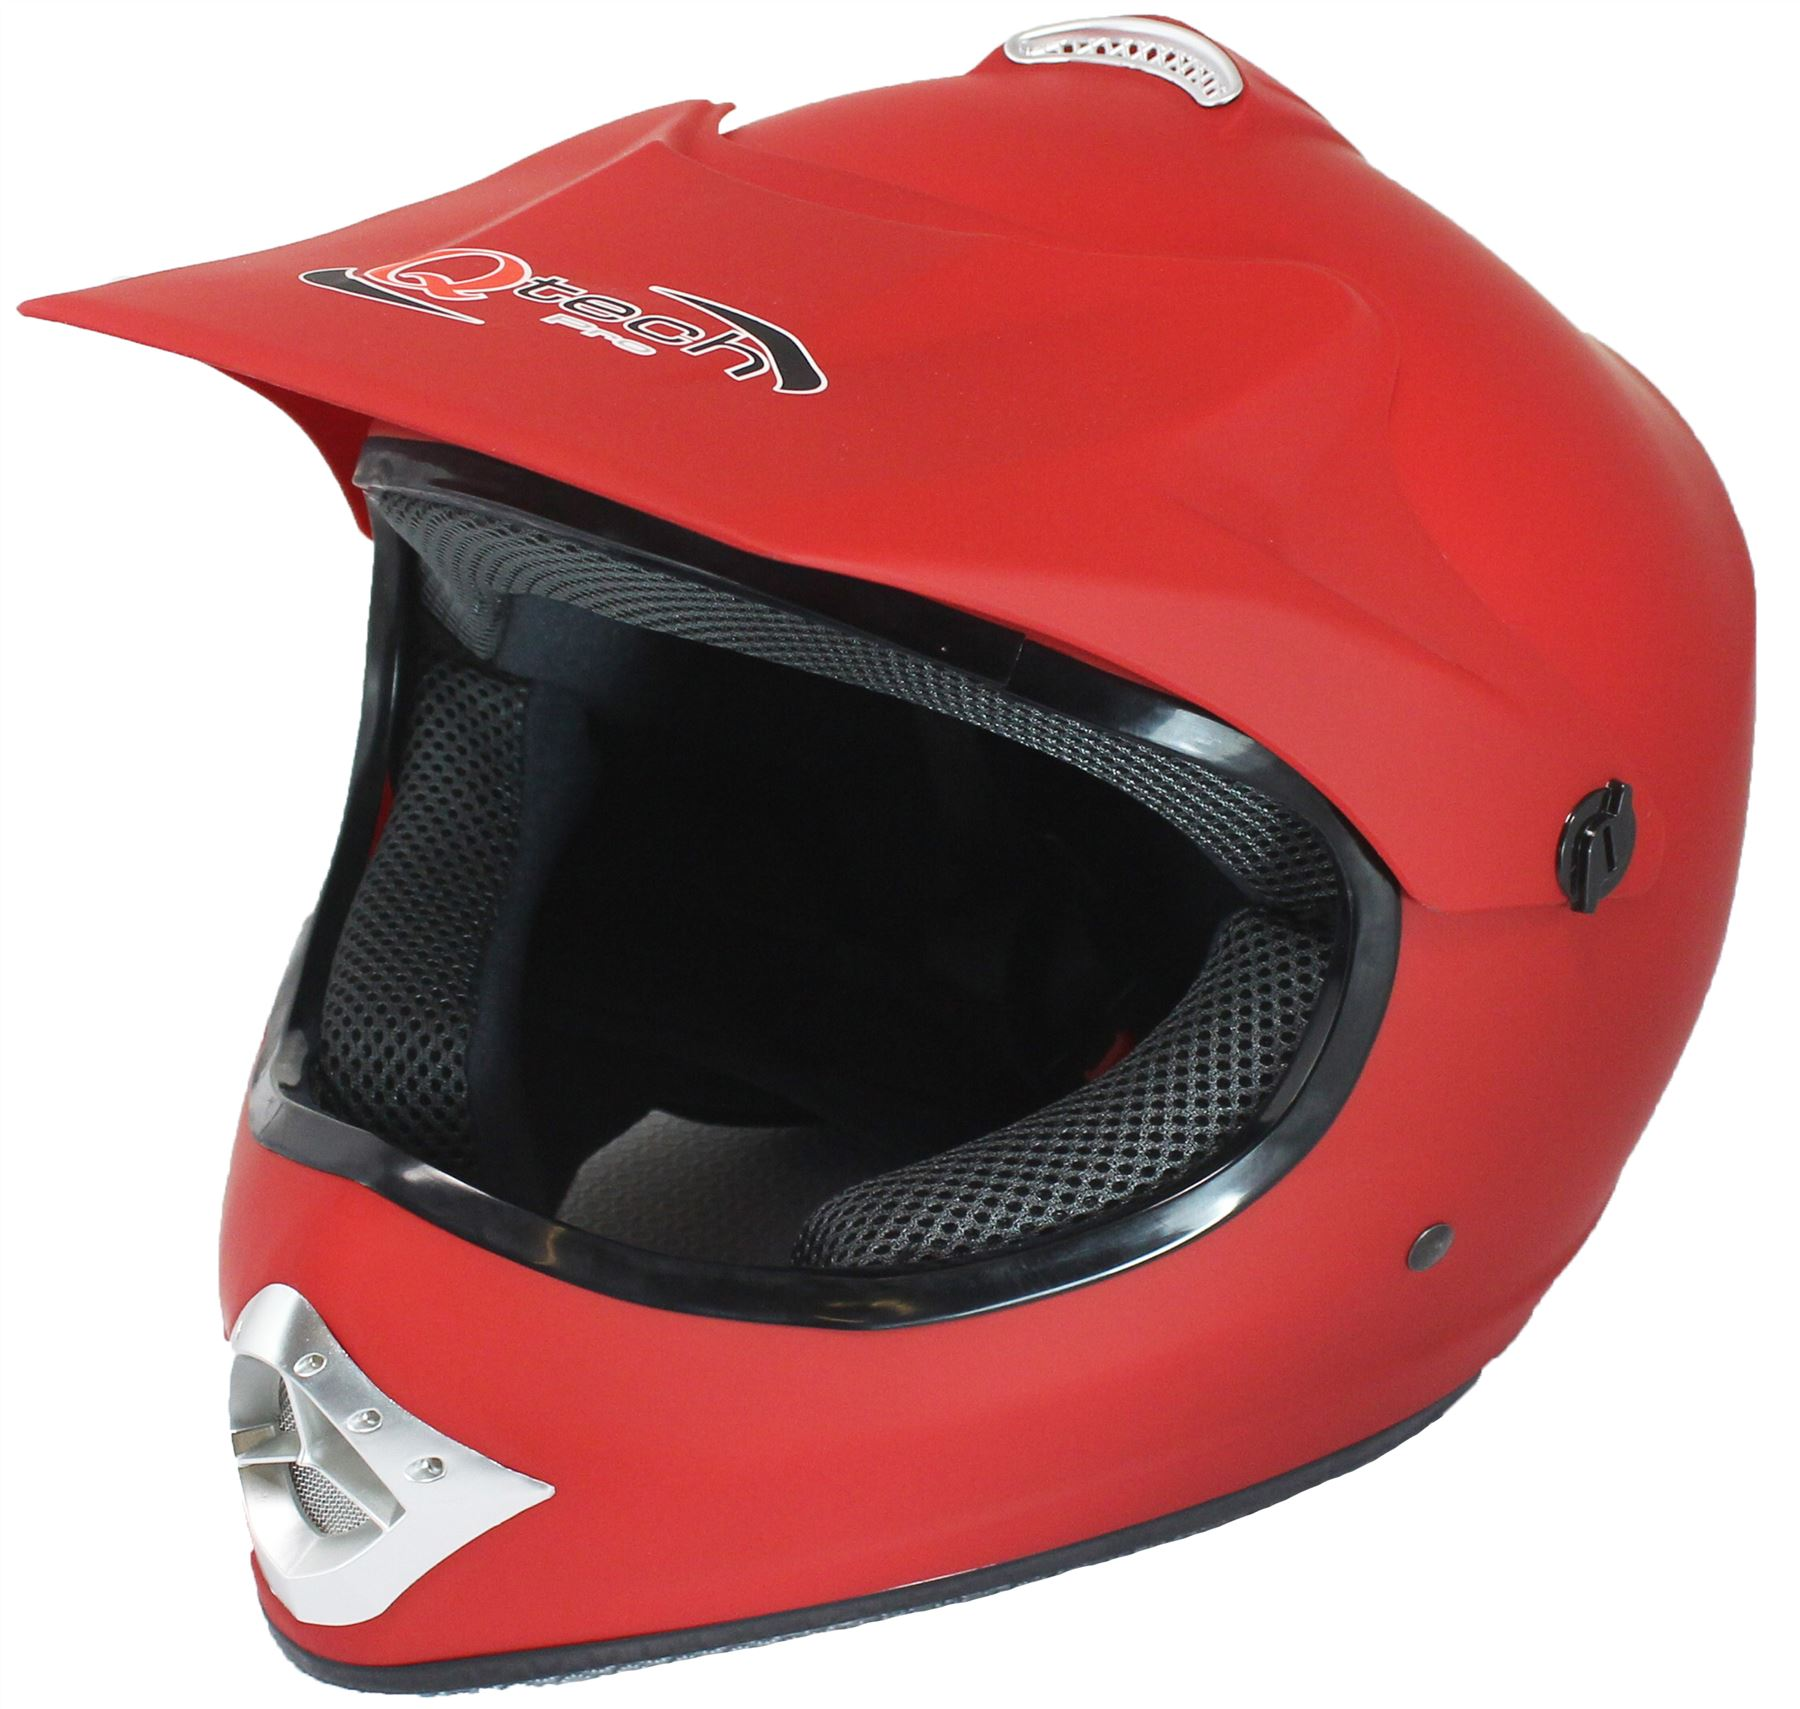 kinder motocross helm f r offroad schwarz rot blau ebay. Black Bedroom Furniture Sets. Home Design Ideas